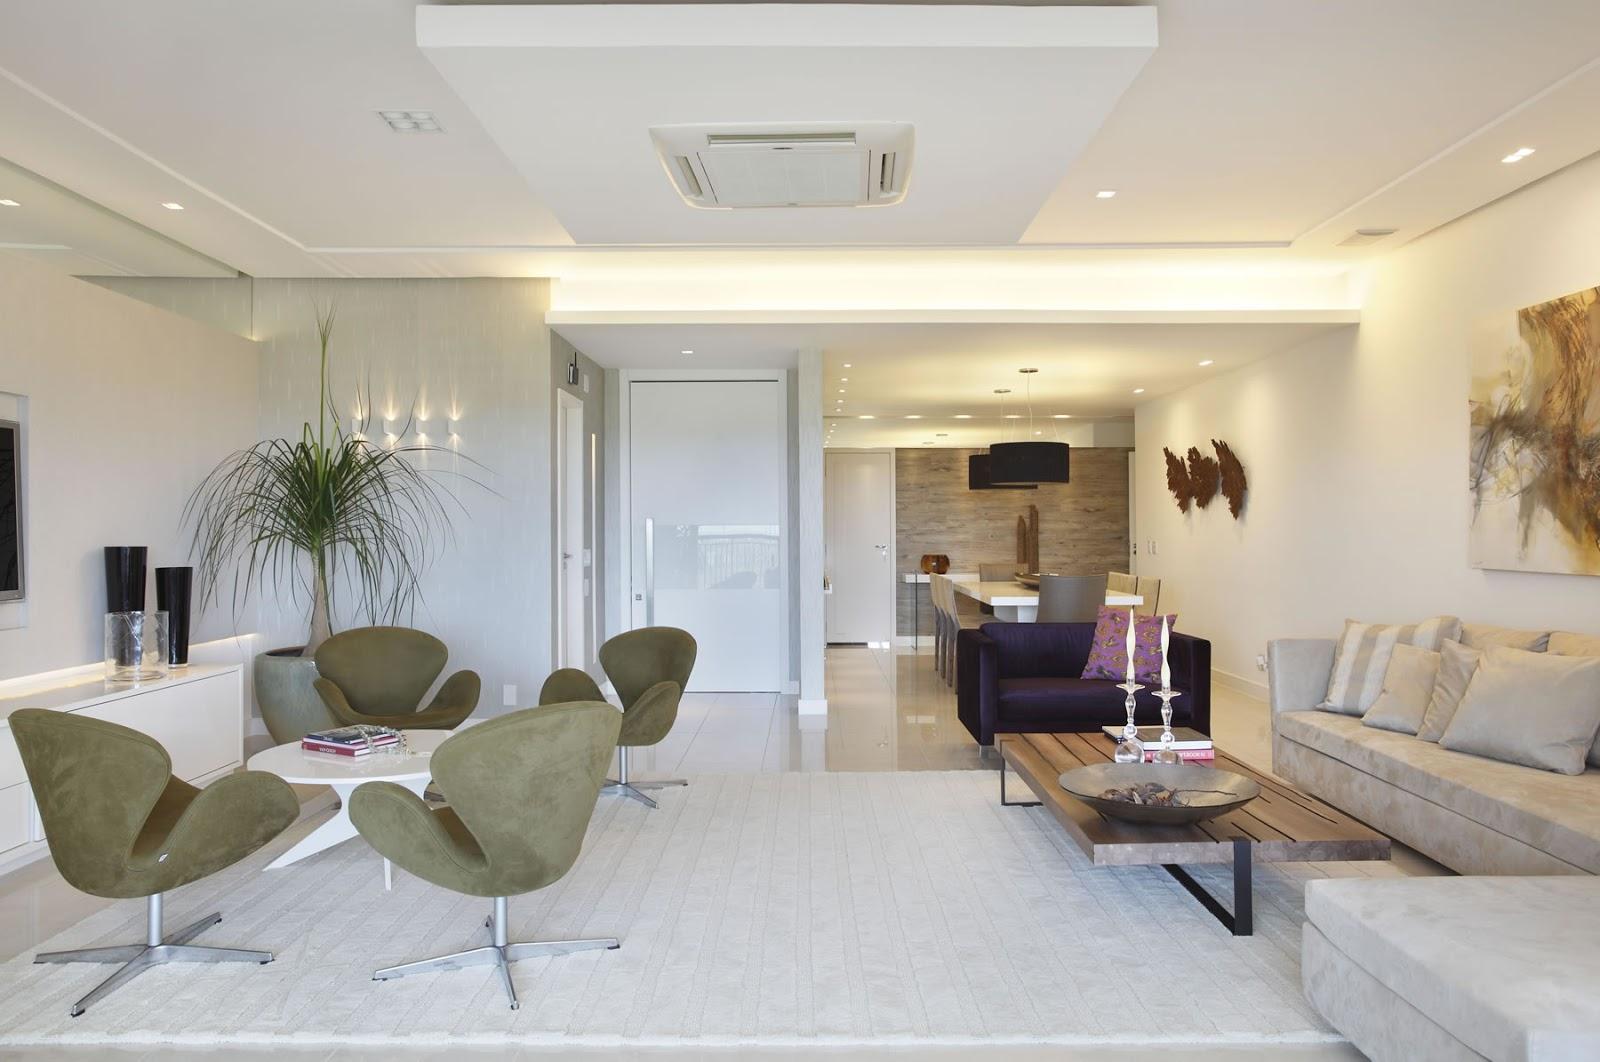 #8F6D3C de bate papo integradas às salas de tv ótima dica para decorar  1600x1062 píxeis em Como Decorar Uma Sala De Tv